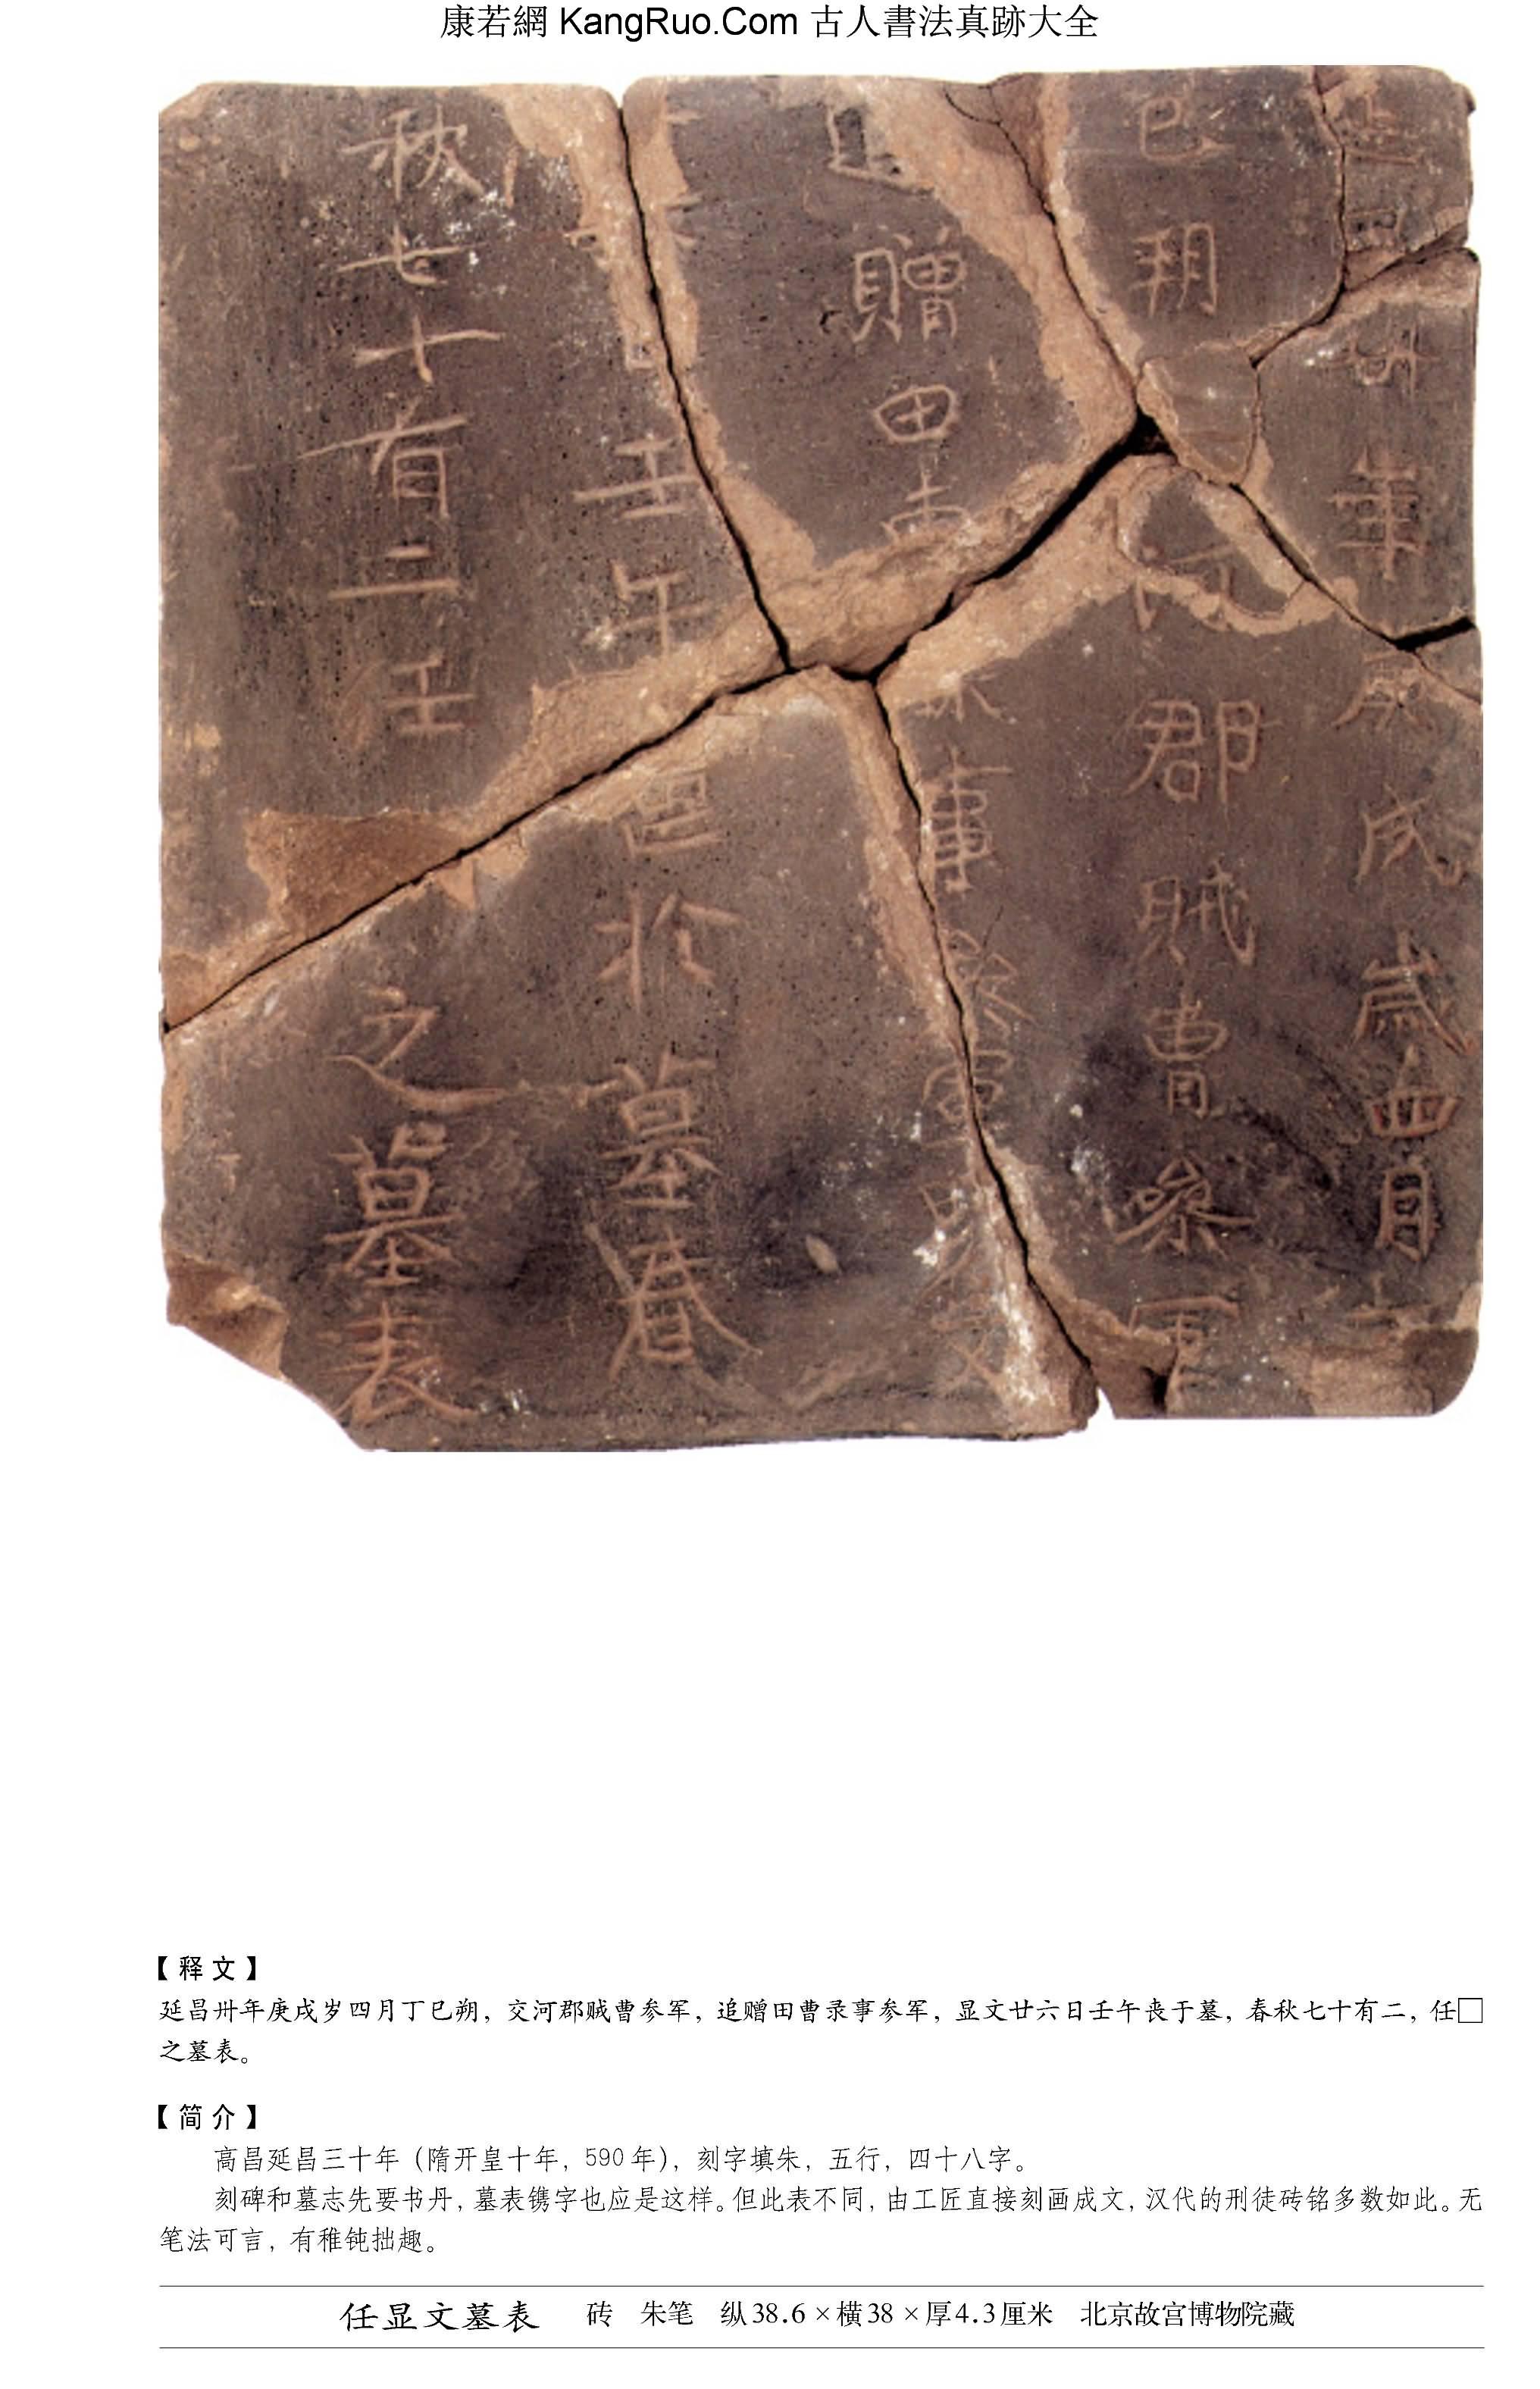 《任顯文墓表》(磚刻朱筆)書法真跡【隋代·高昌磚】_00045